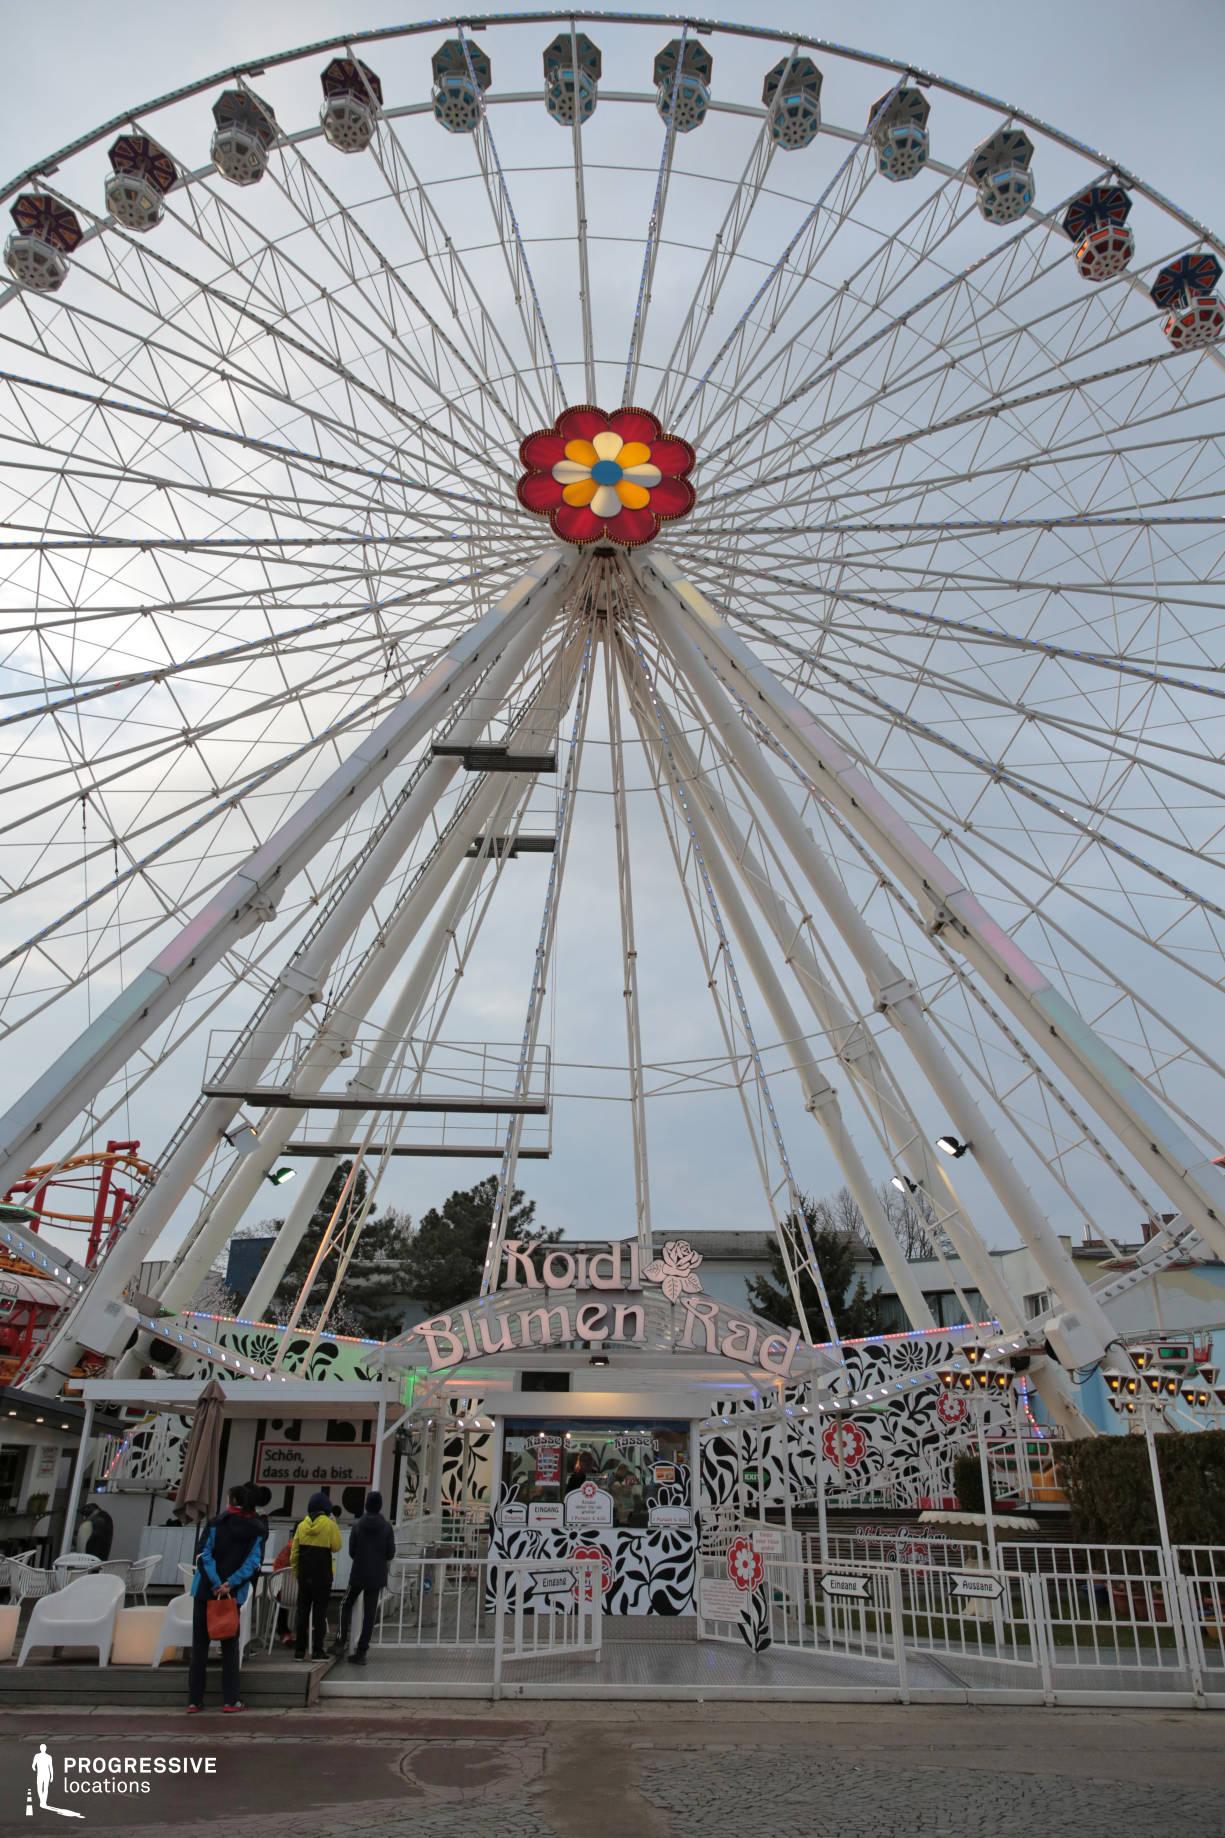 Locations in Austria: Flower Ferris Wheel, Amusement Park